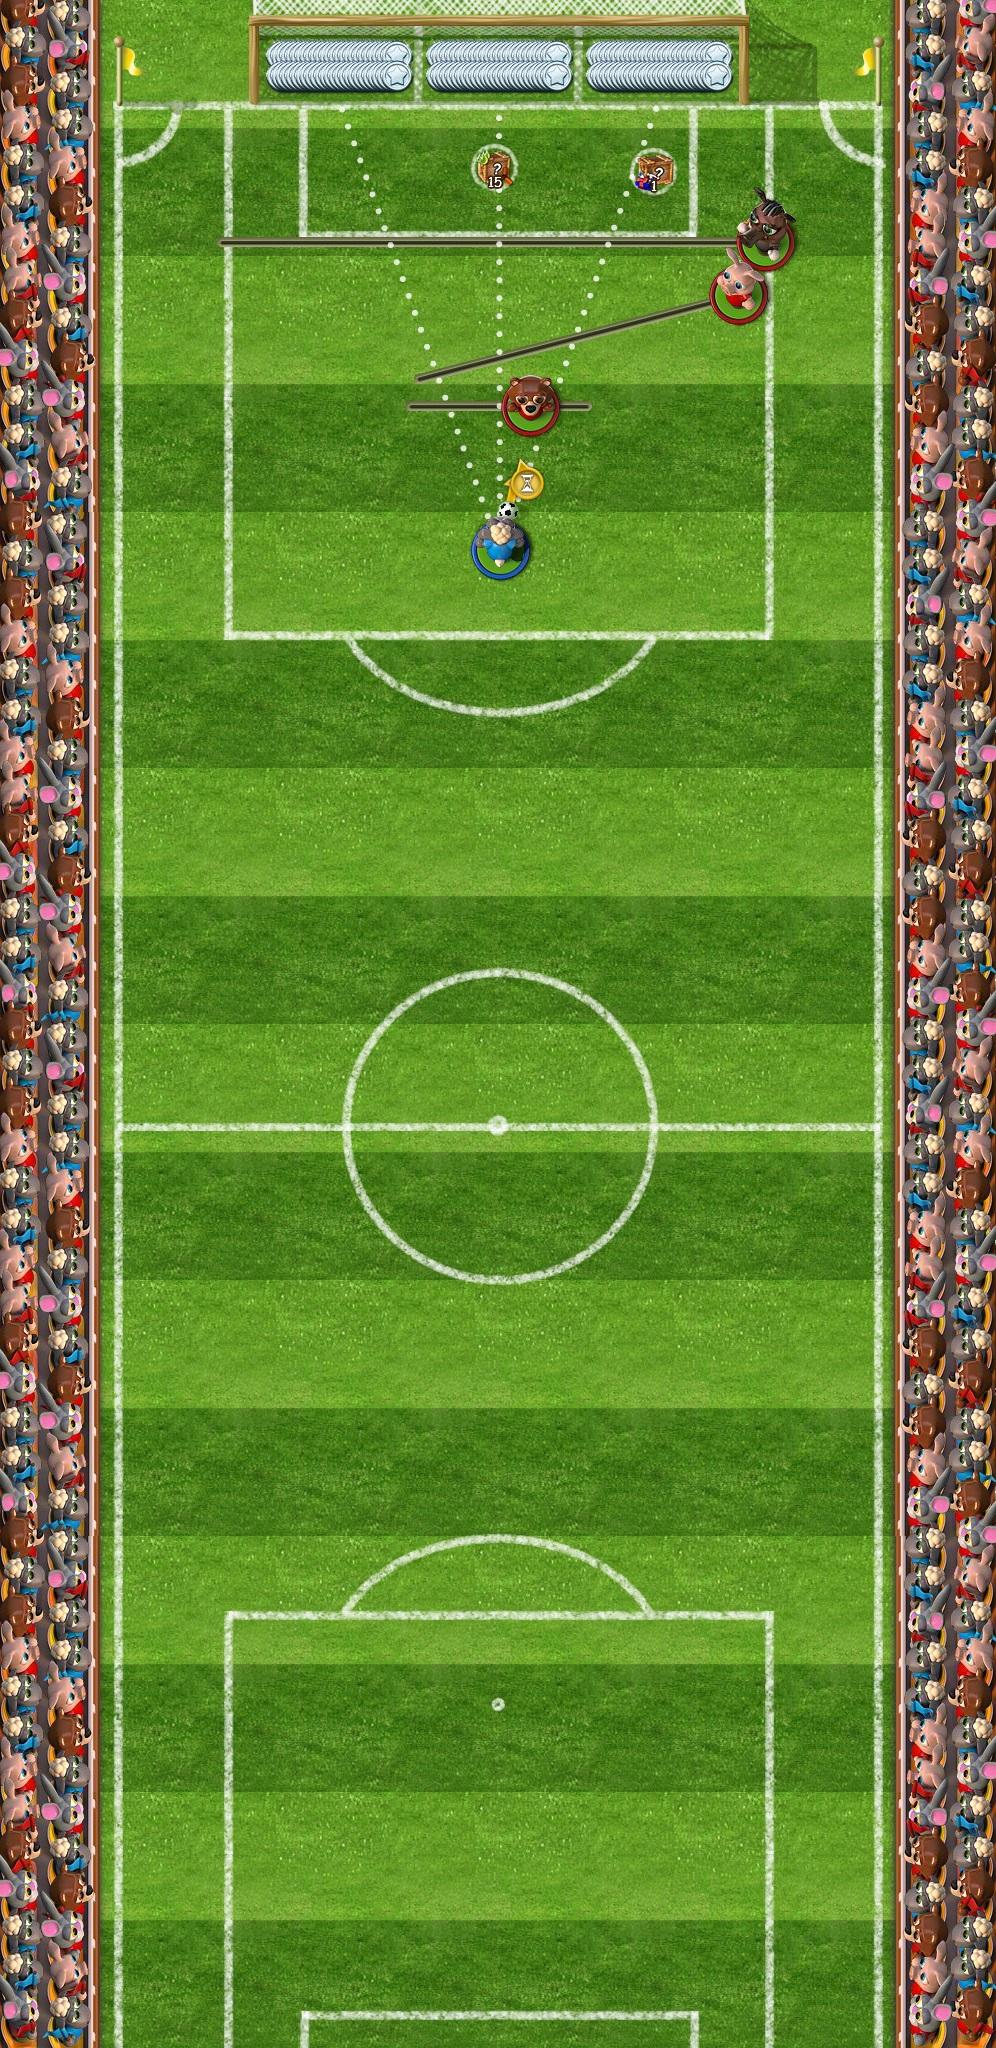 SoccerGame4.jpg